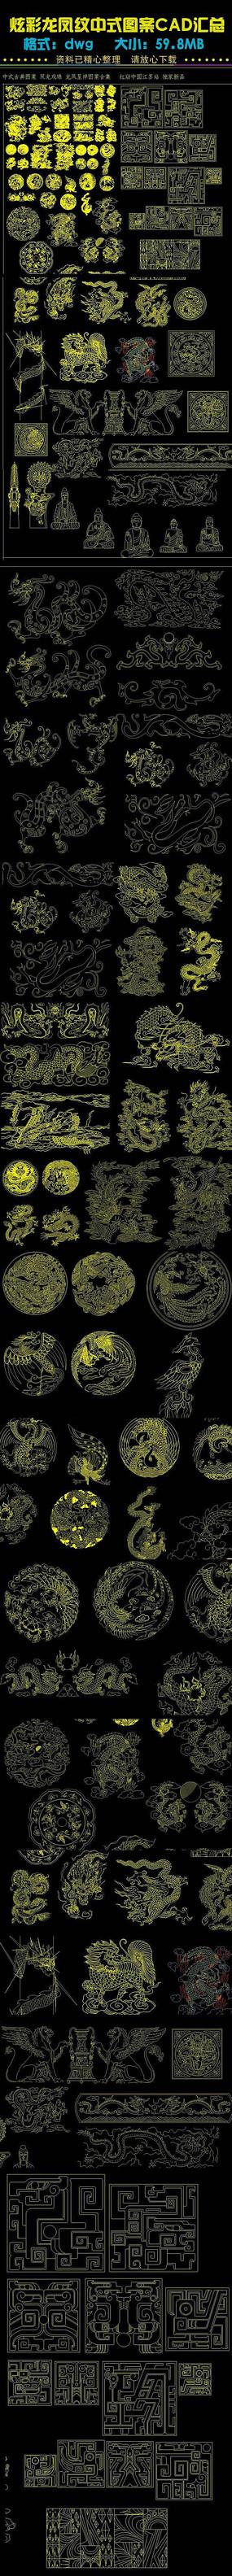 炫彩龙凤纹中式图案CAD汇总